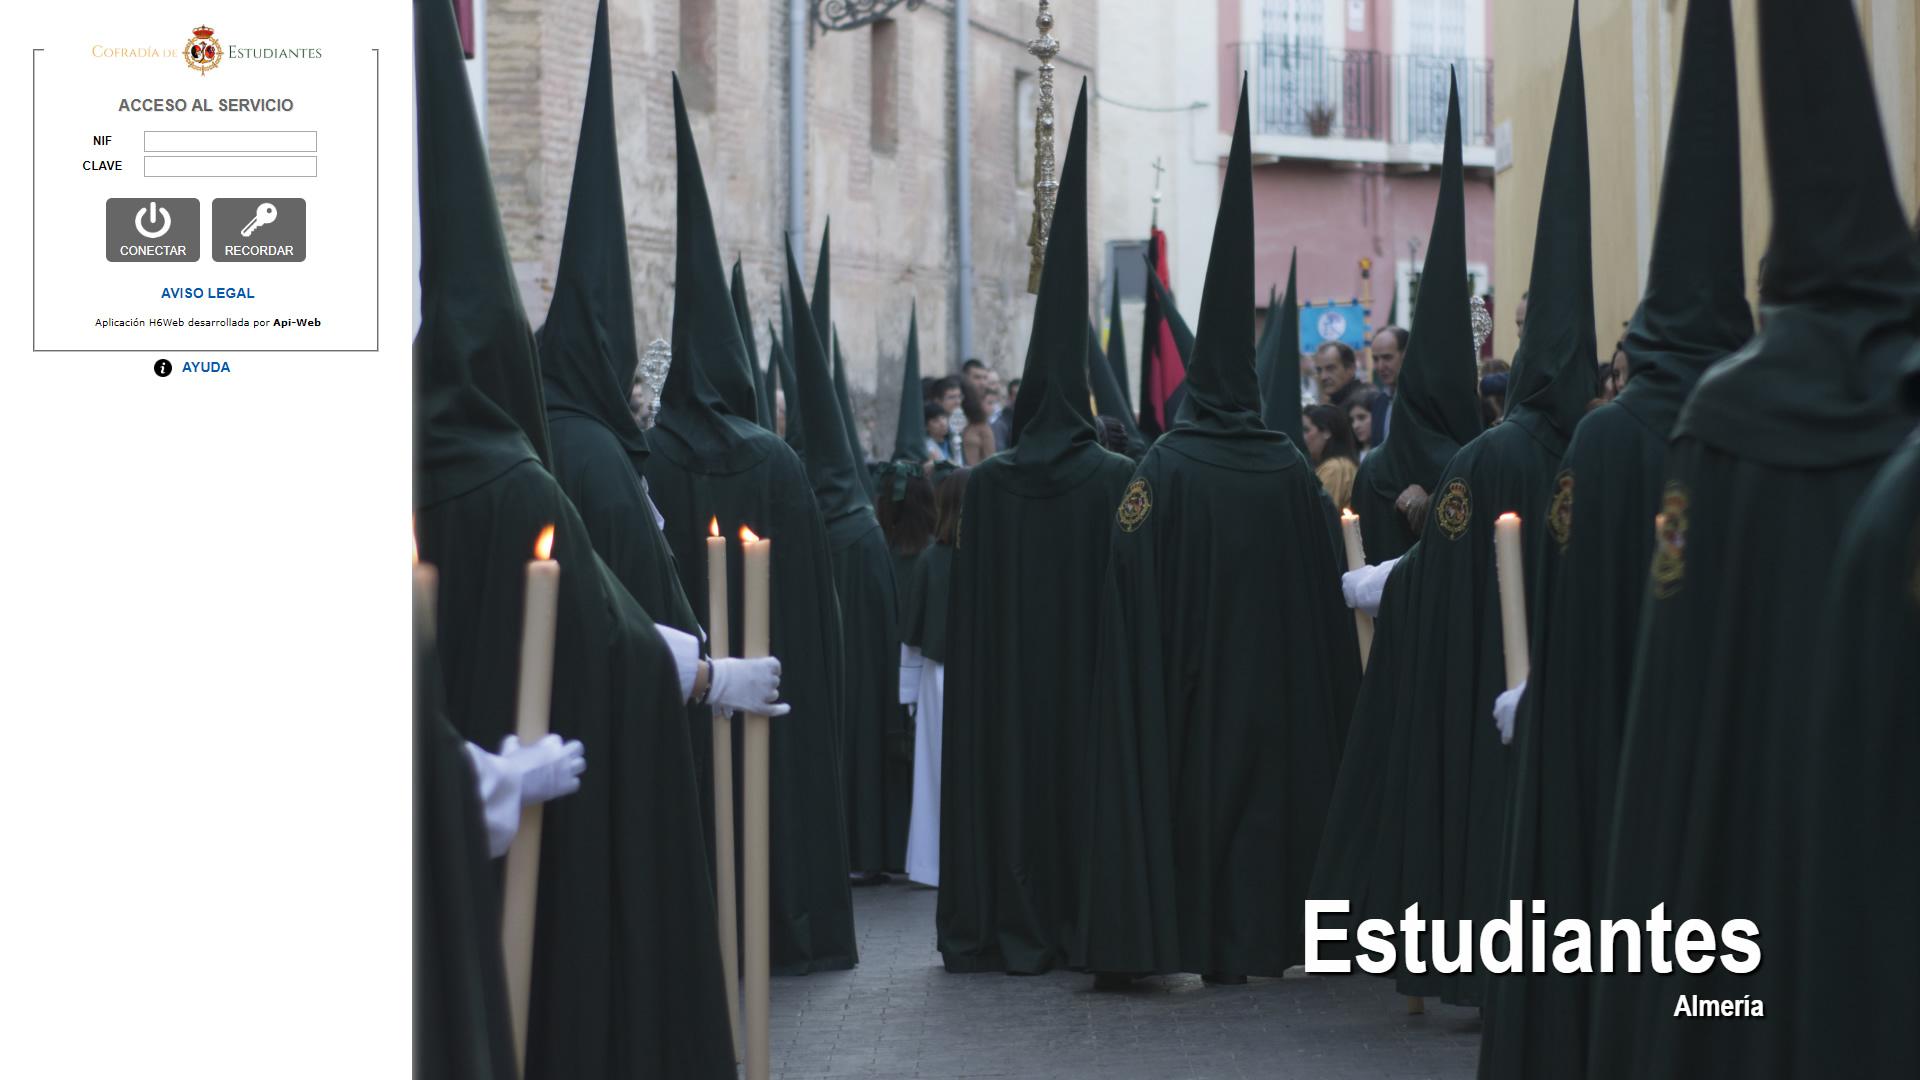 Cofradía de Estudiantes Almería